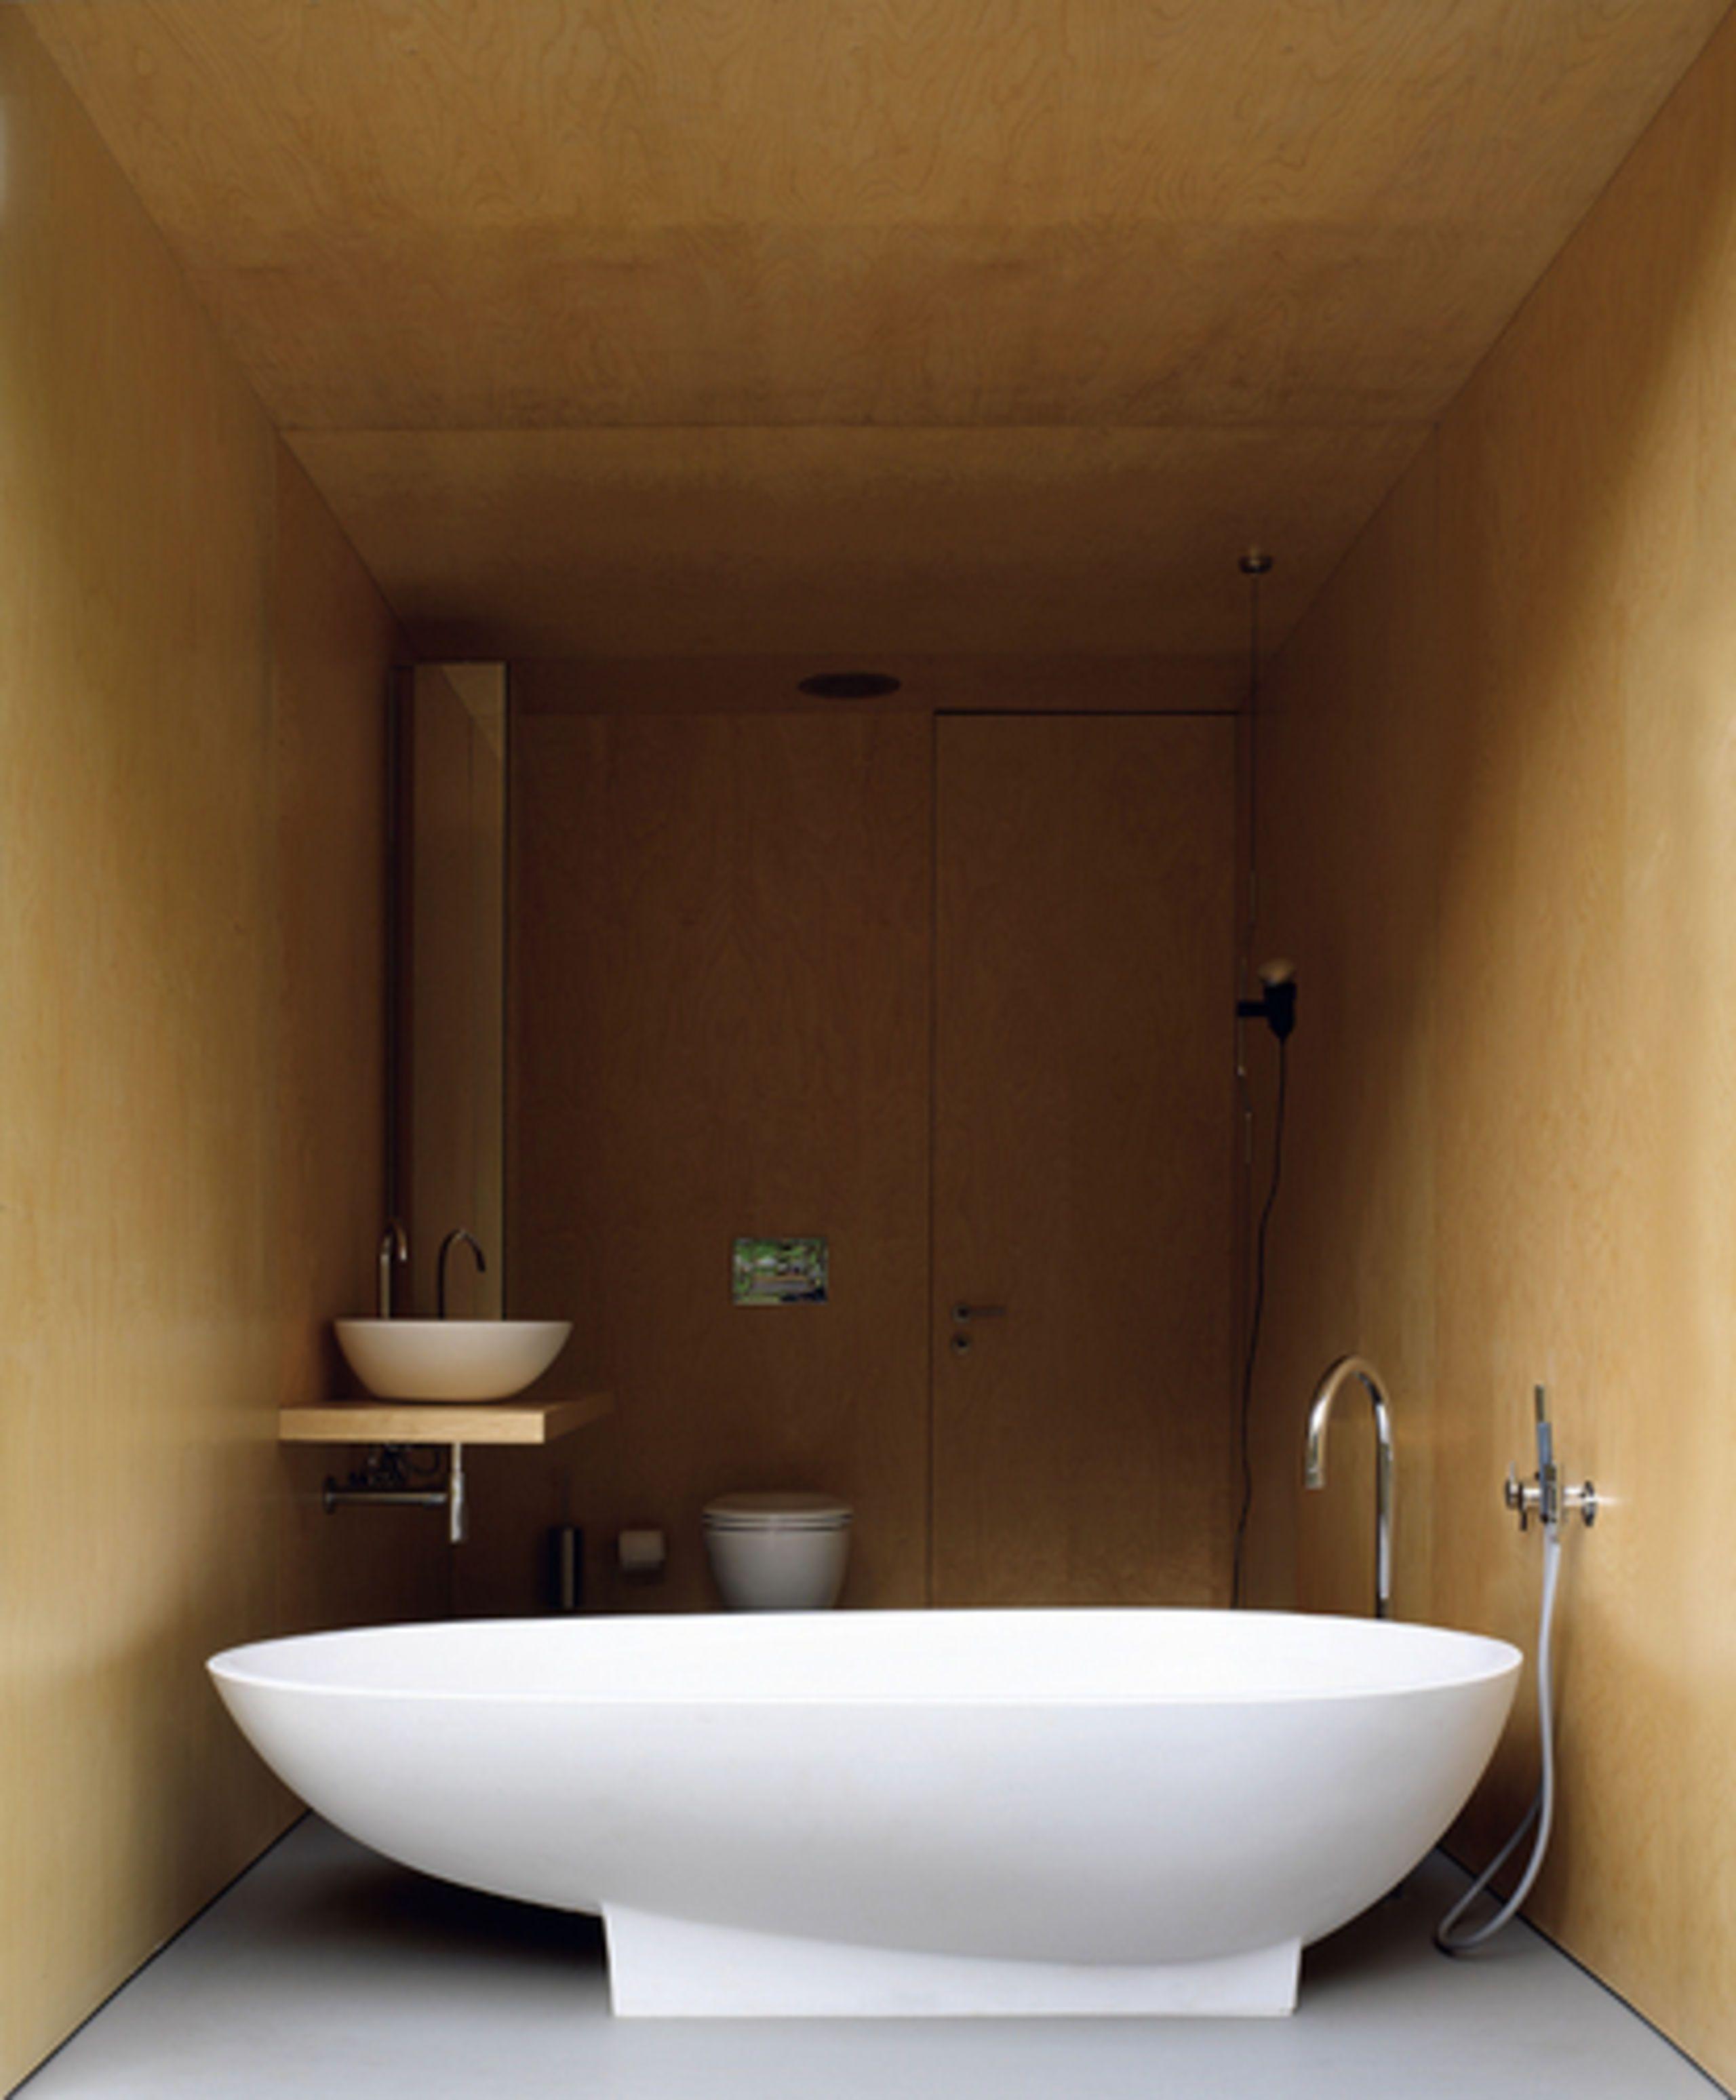 Ideen Fur Kleine Badezimmer Freistehende Badewanne Spoon 1998 Designed By Benedini Associati Oragnisches Design First Betonhaus Badezimmer Design Haus